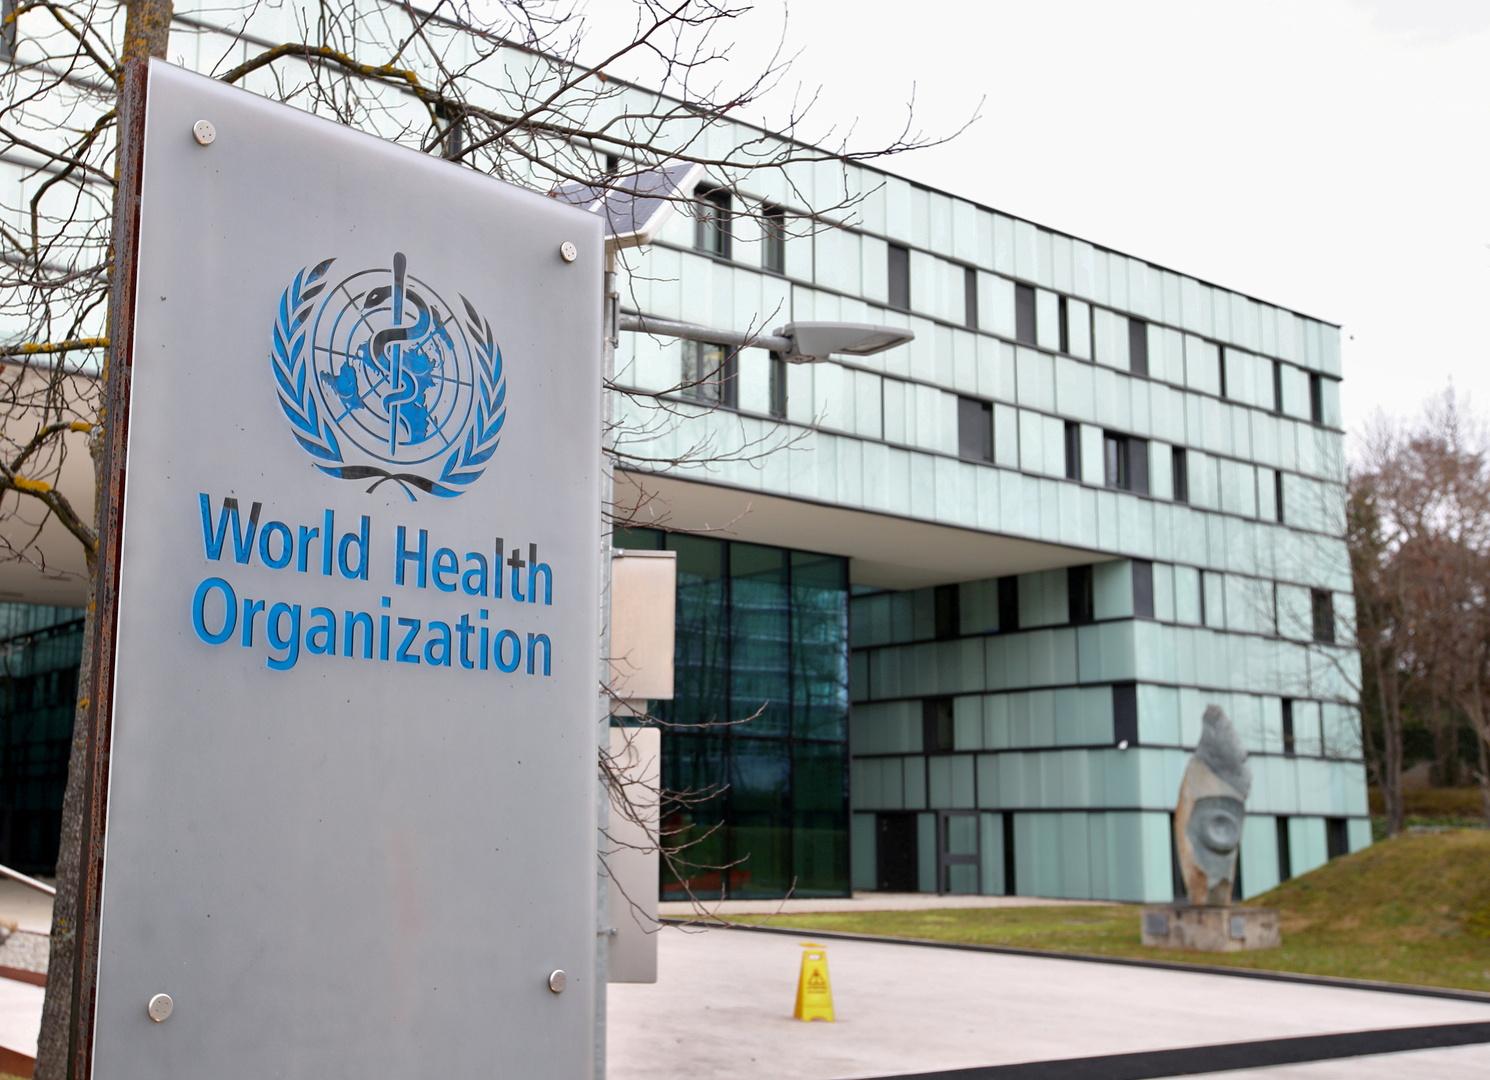 منظمة الصحة العالمية تصف الوضع الوبائي العالمي بالمقلق